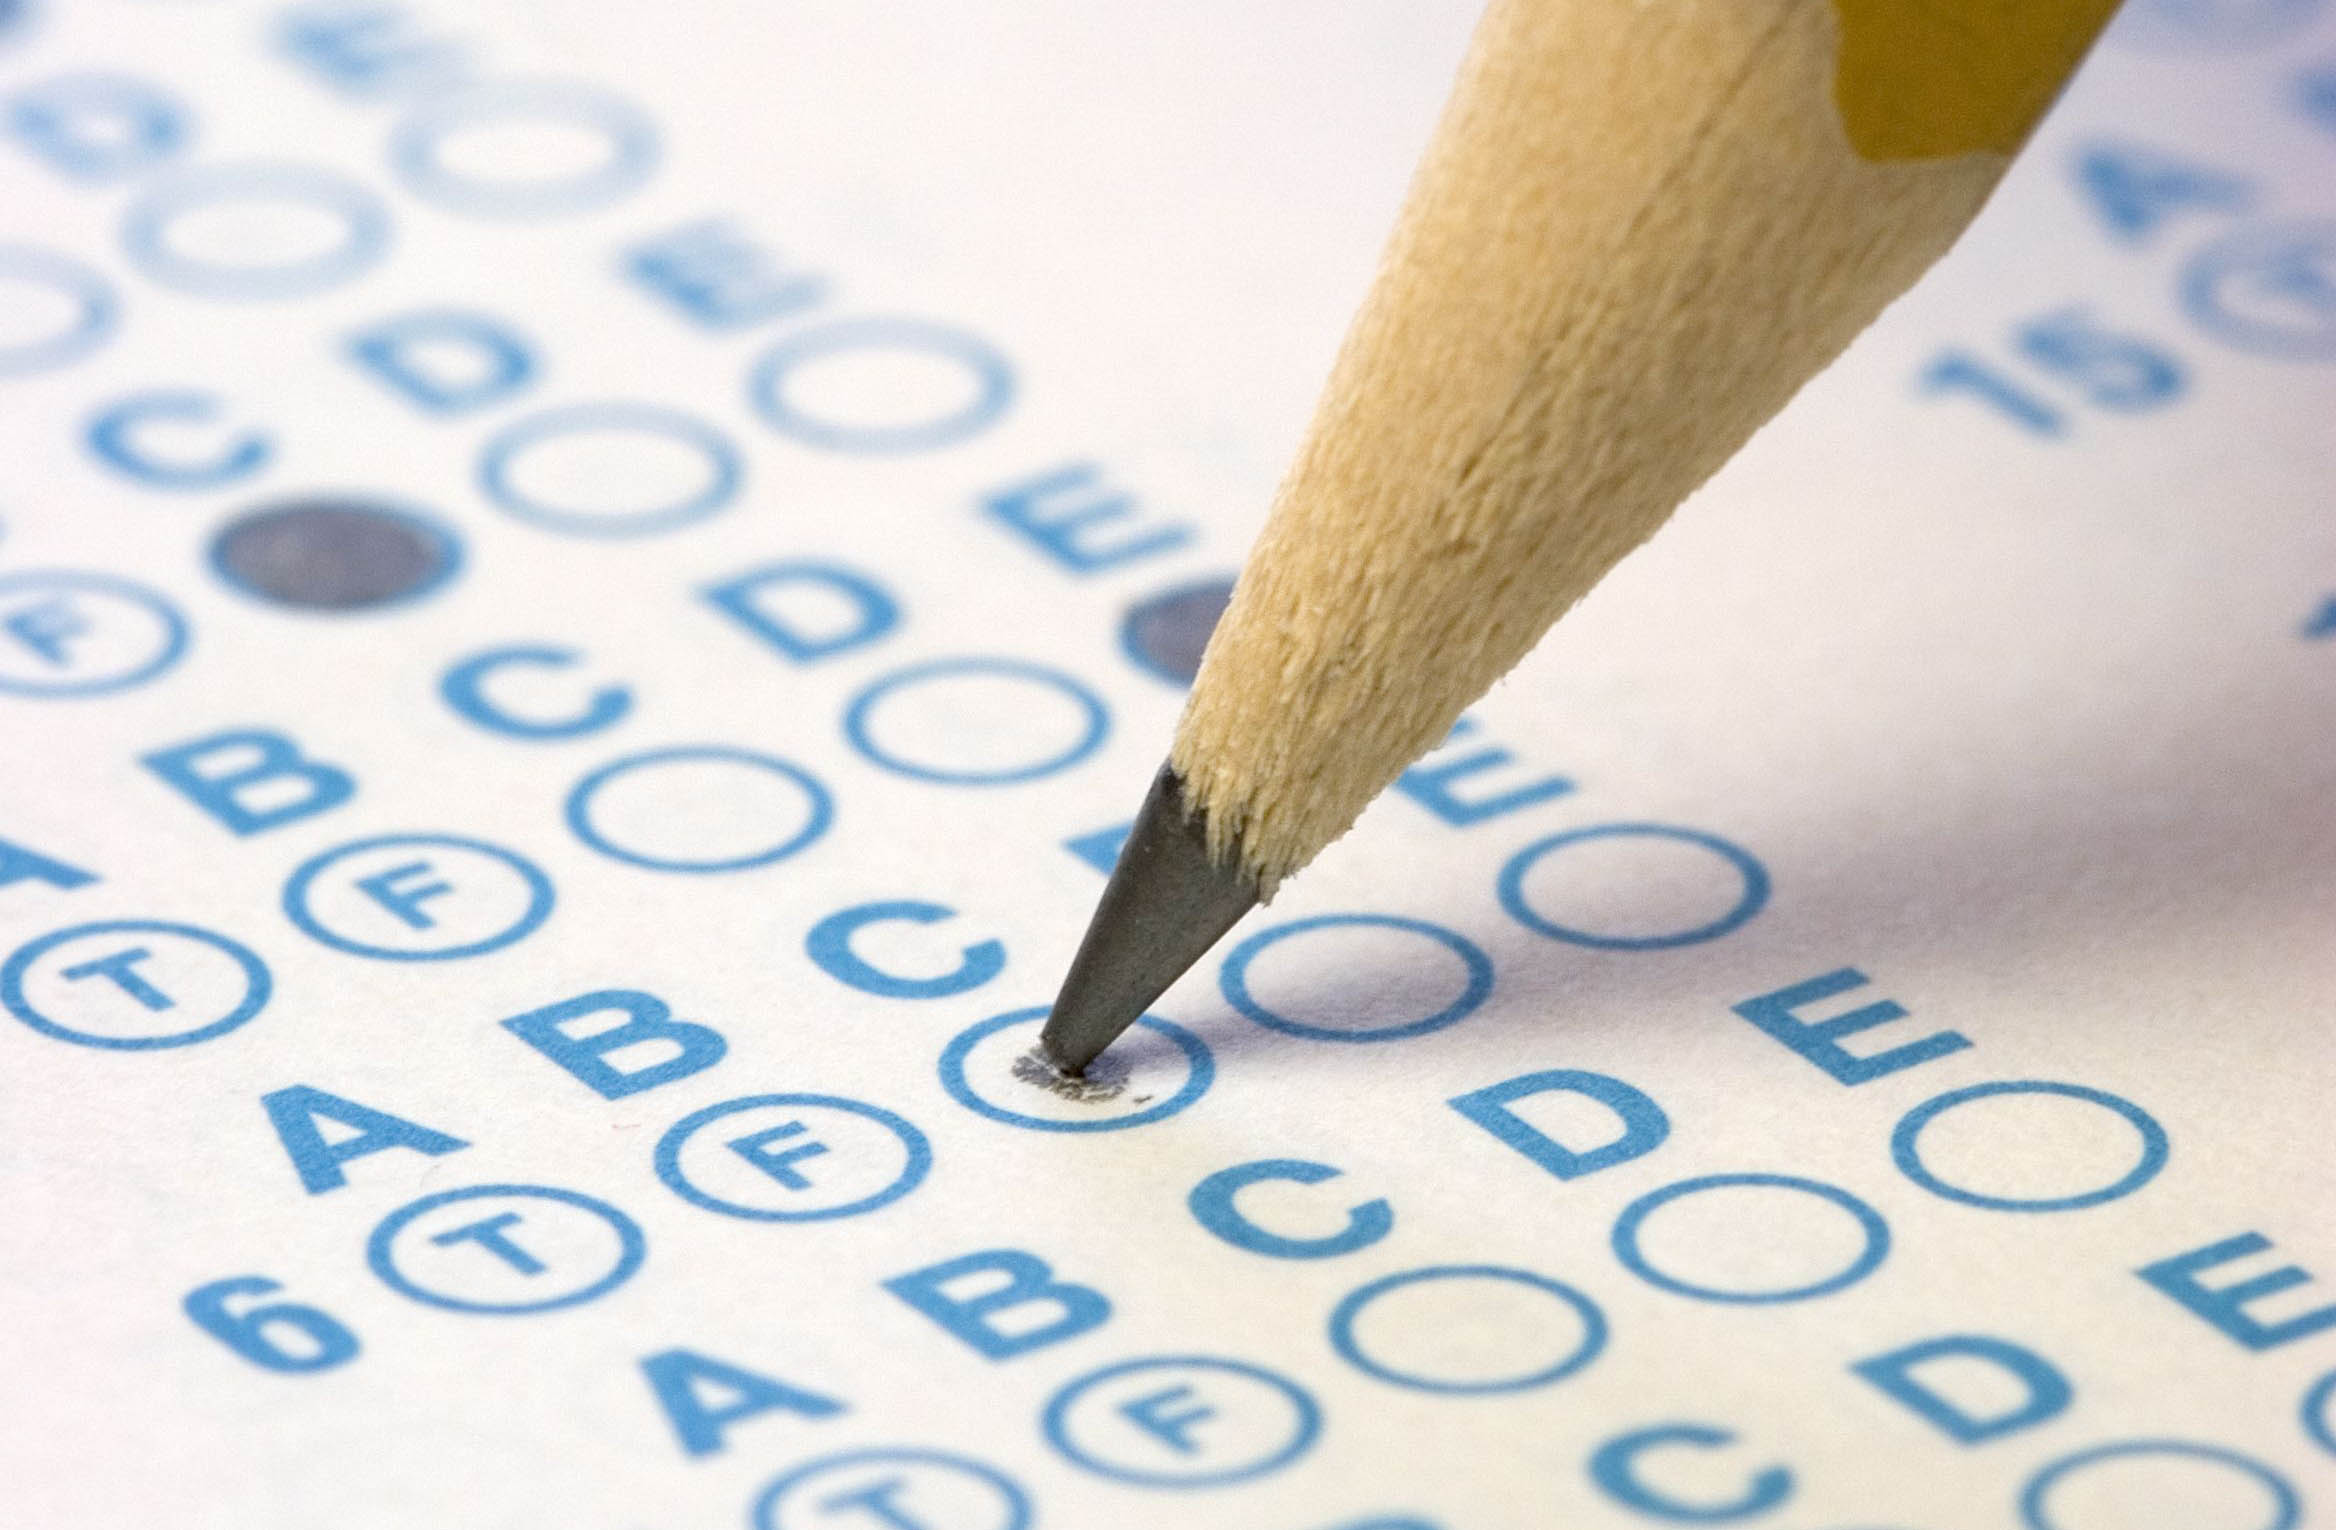 Preguntas Del Examen Teorico Para Obtener La Licencia De Conduccion Arisoft Ecuador